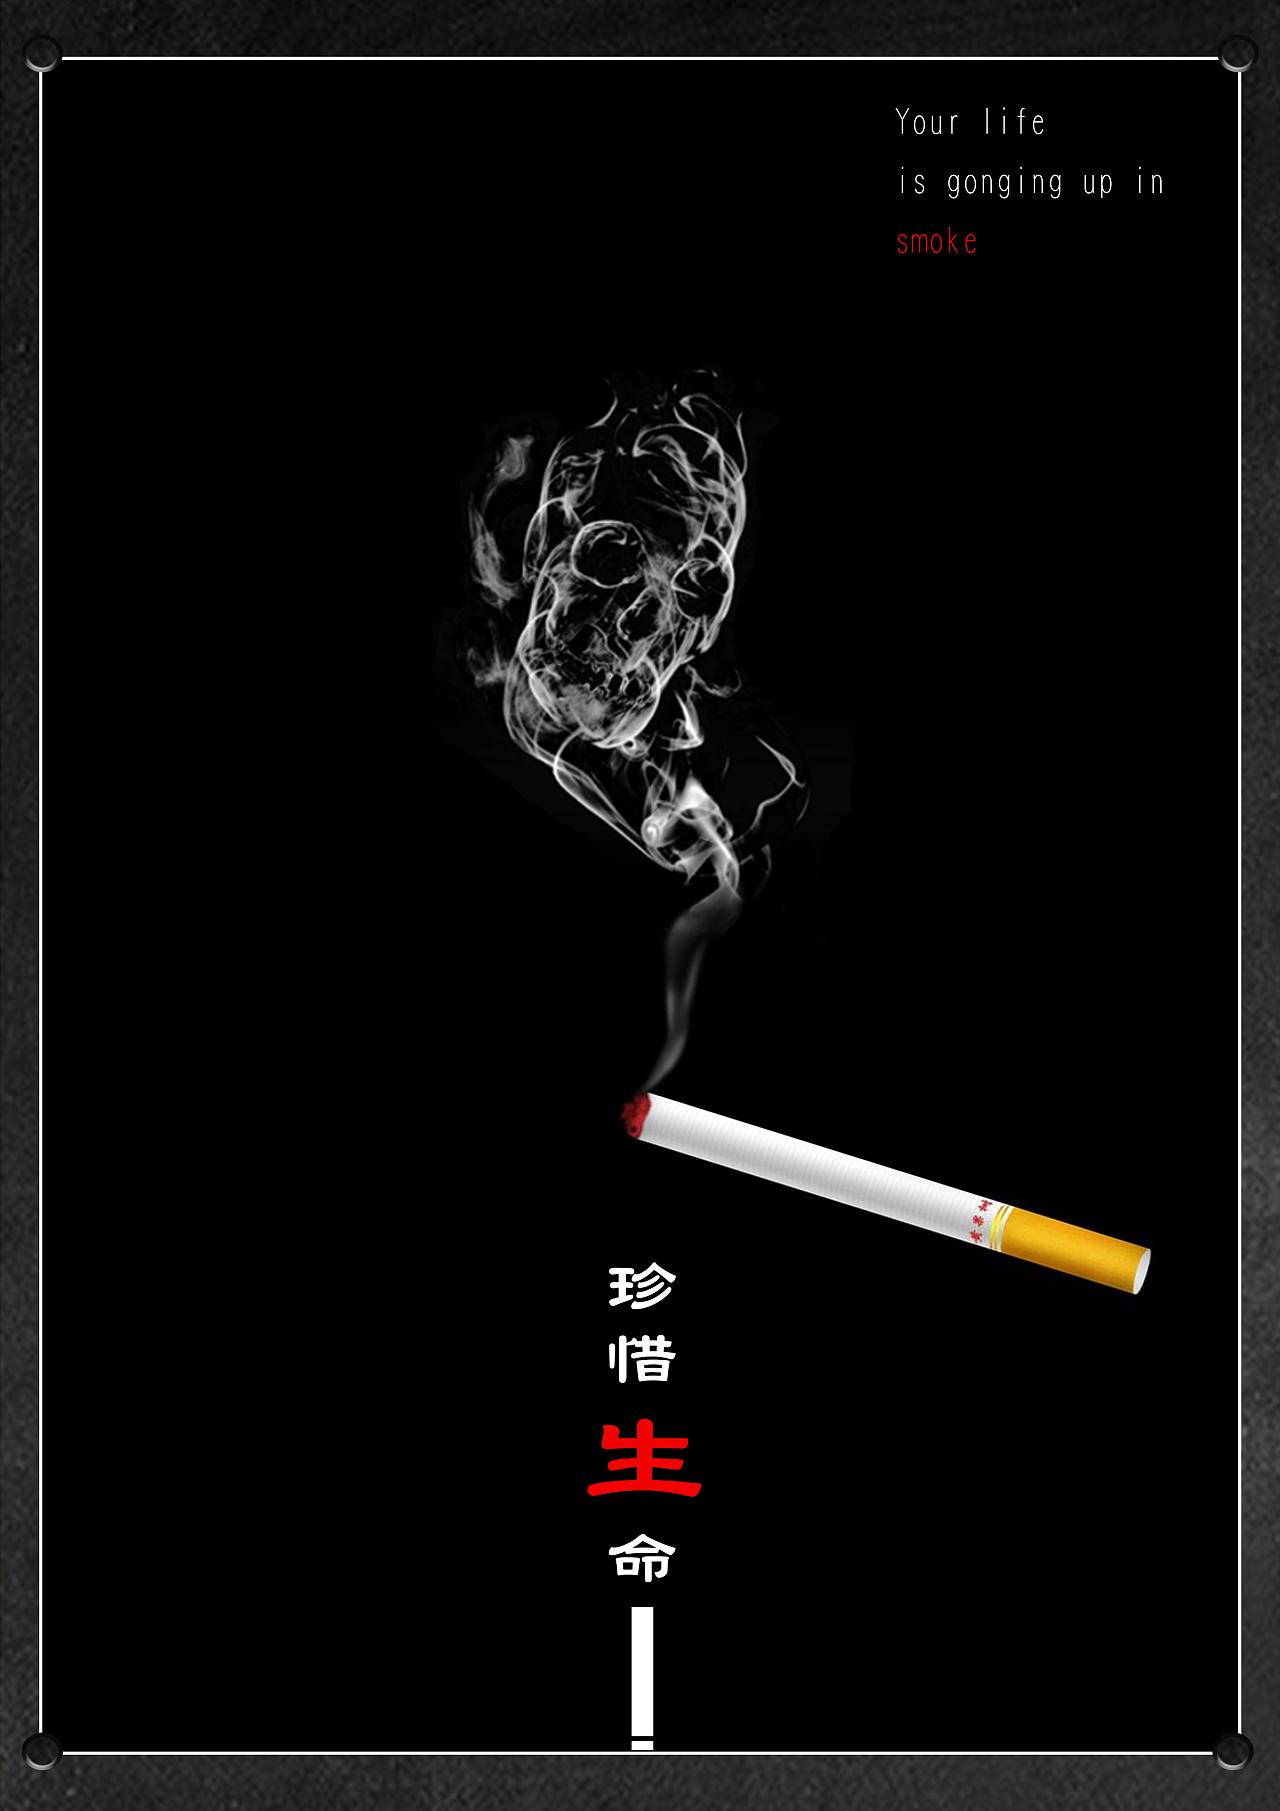 公益海报图片